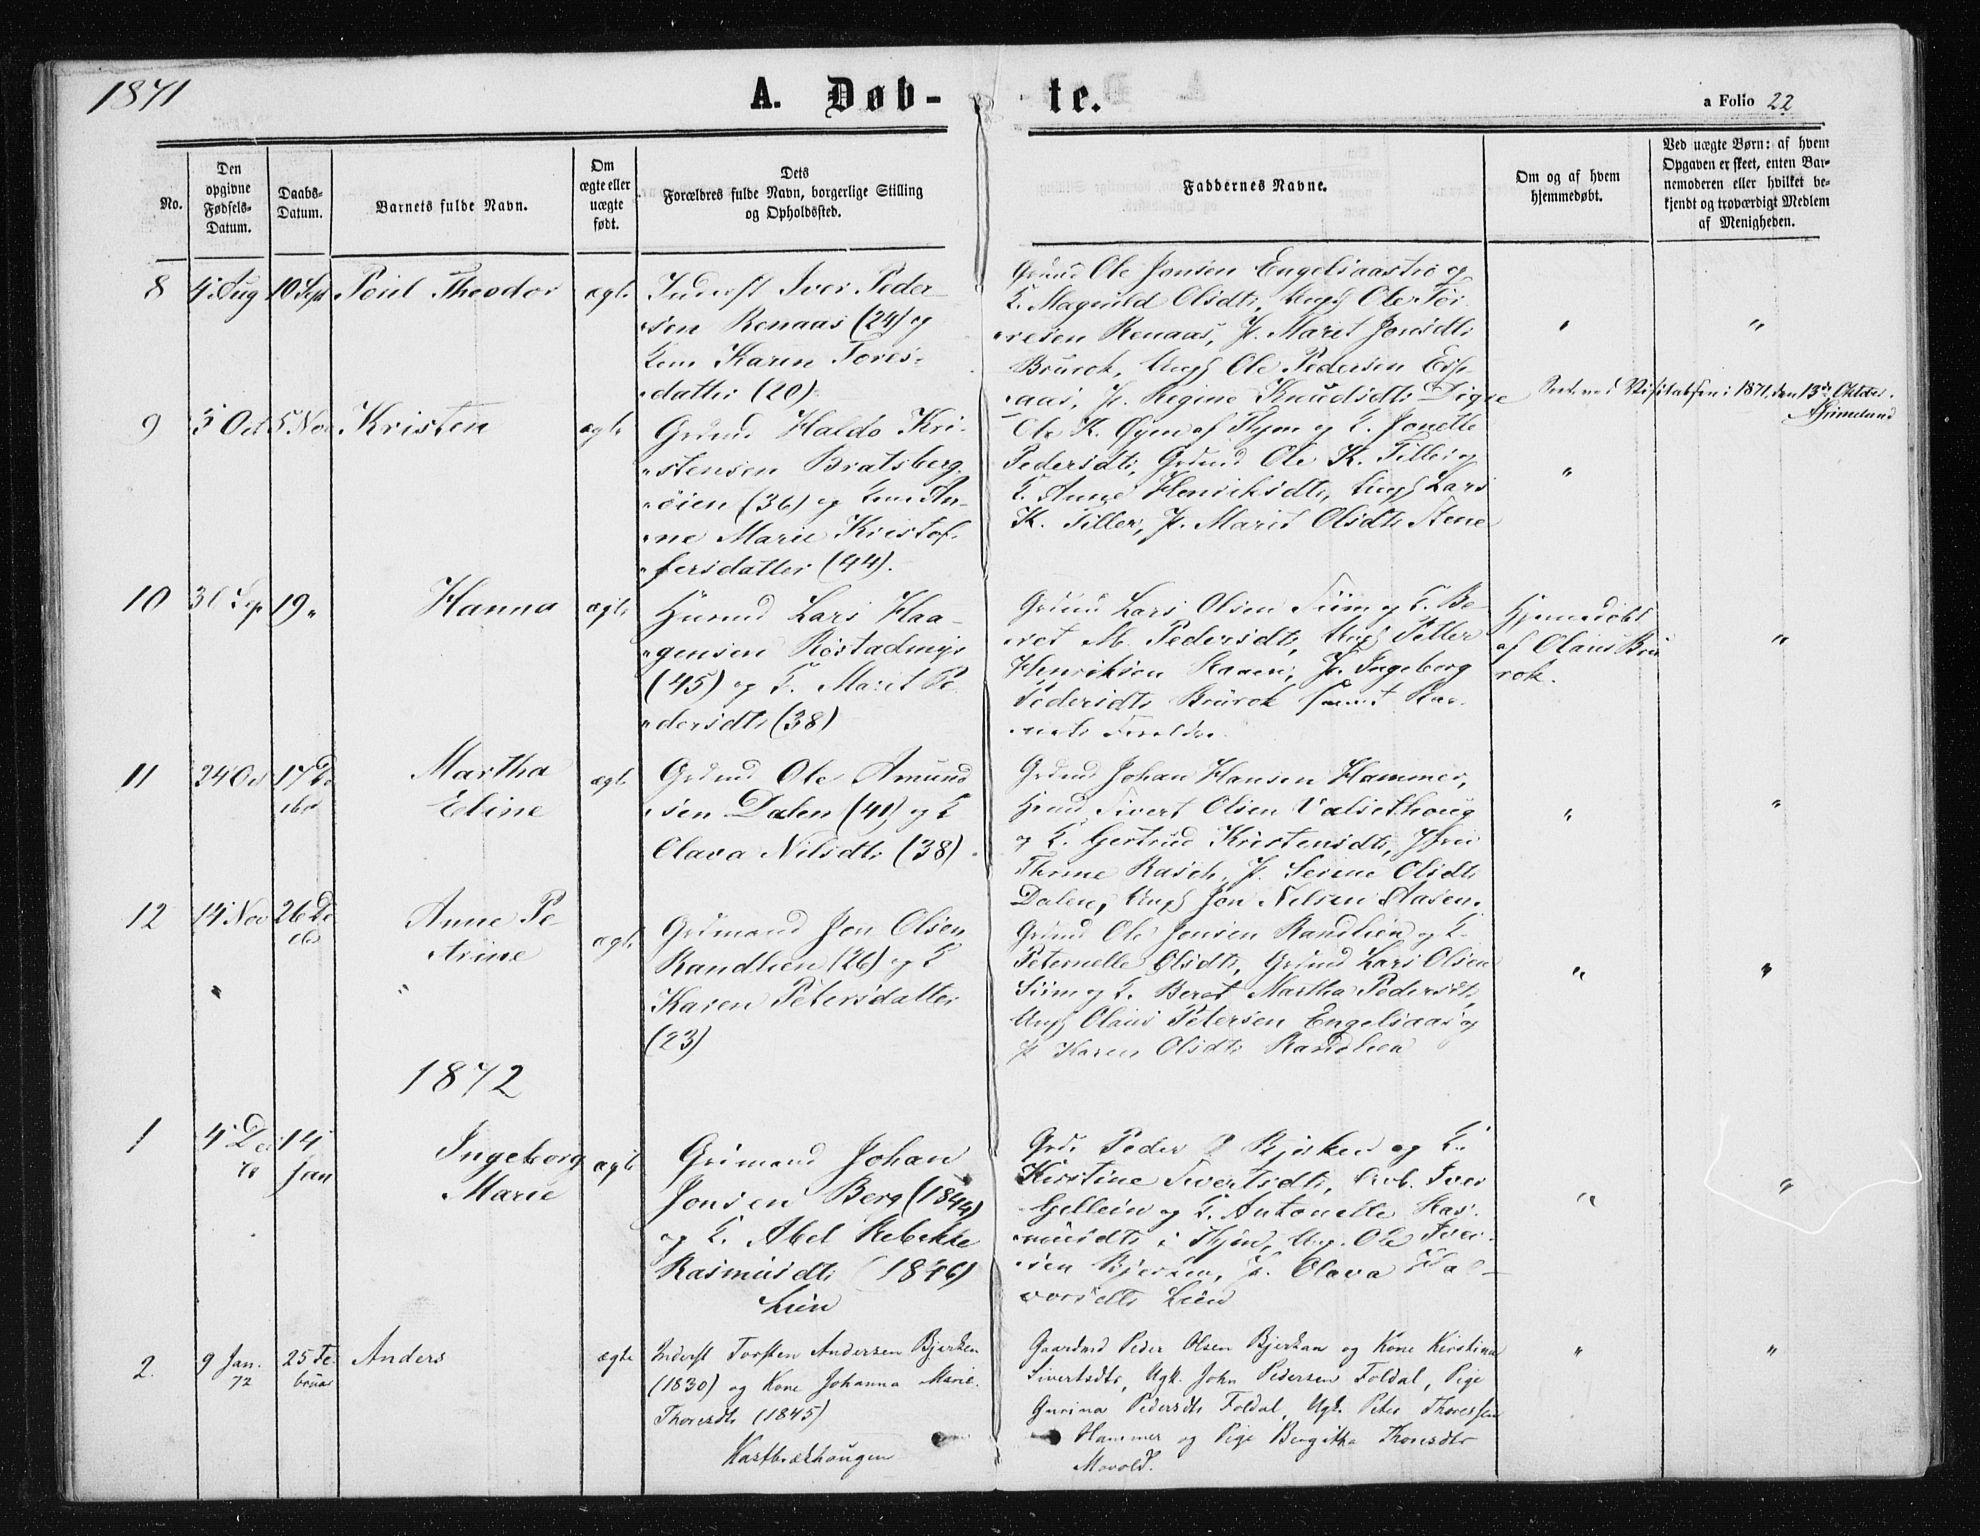 SAT, Ministerialprotokoller, klokkerbøker og fødselsregistre - Sør-Trøndelag, 608/L0333: Ministerialbok nr. 608A02, 1862-1876, s. 22